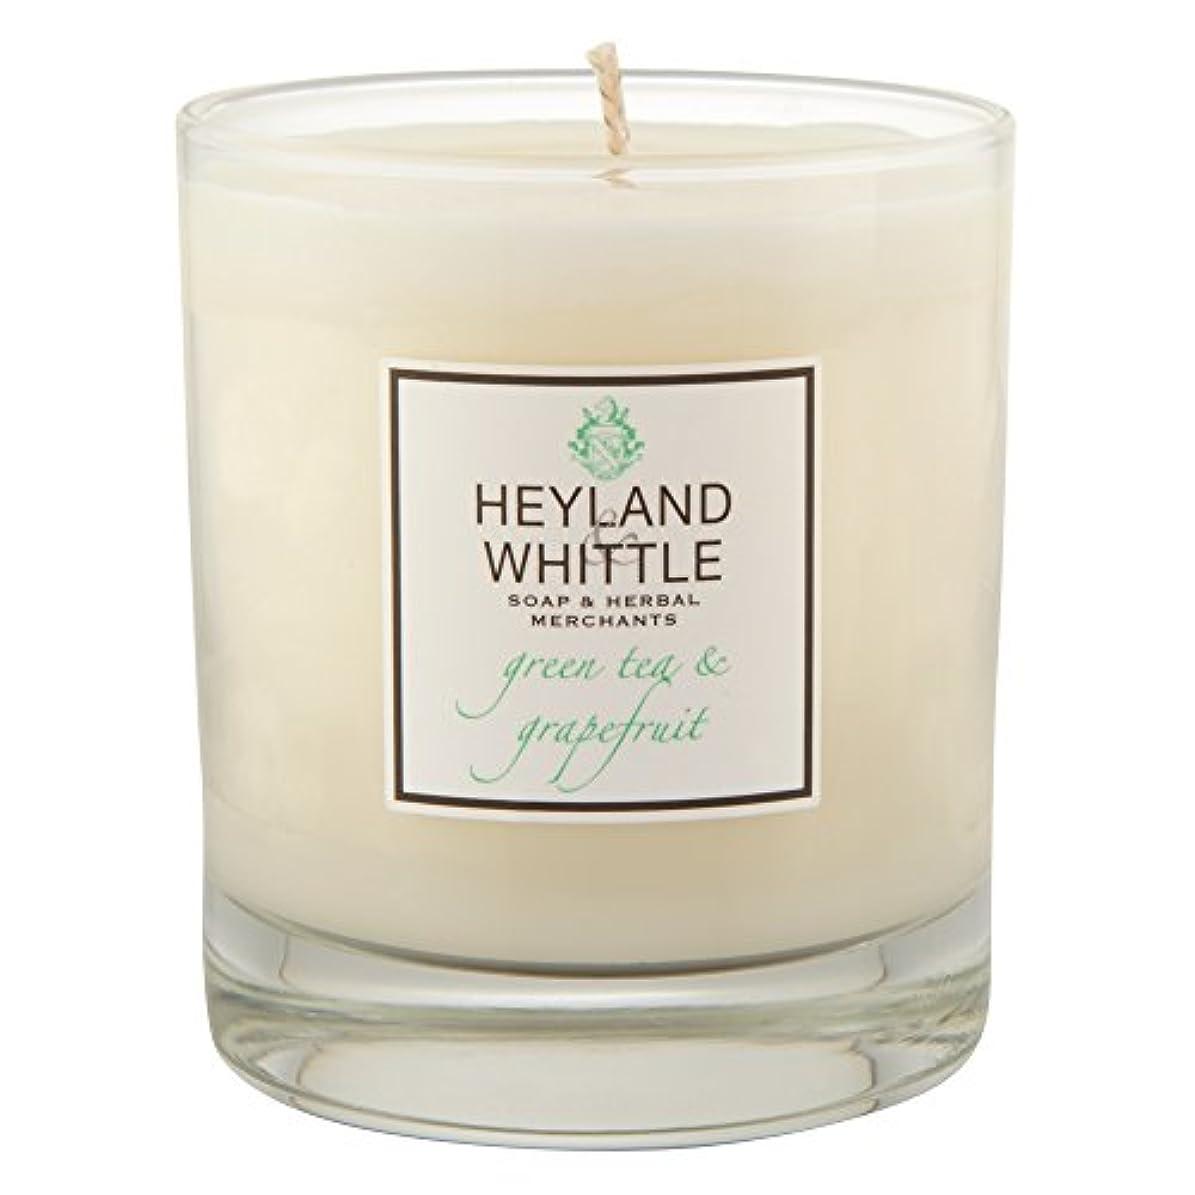 長老磁気不明瞭Heyland&削る緑茶とグレープフルーツキャンドル (Heyland & Whittle) - Heyland & Whittle Green Tea and Grapefruit Candle [並行輸入品]